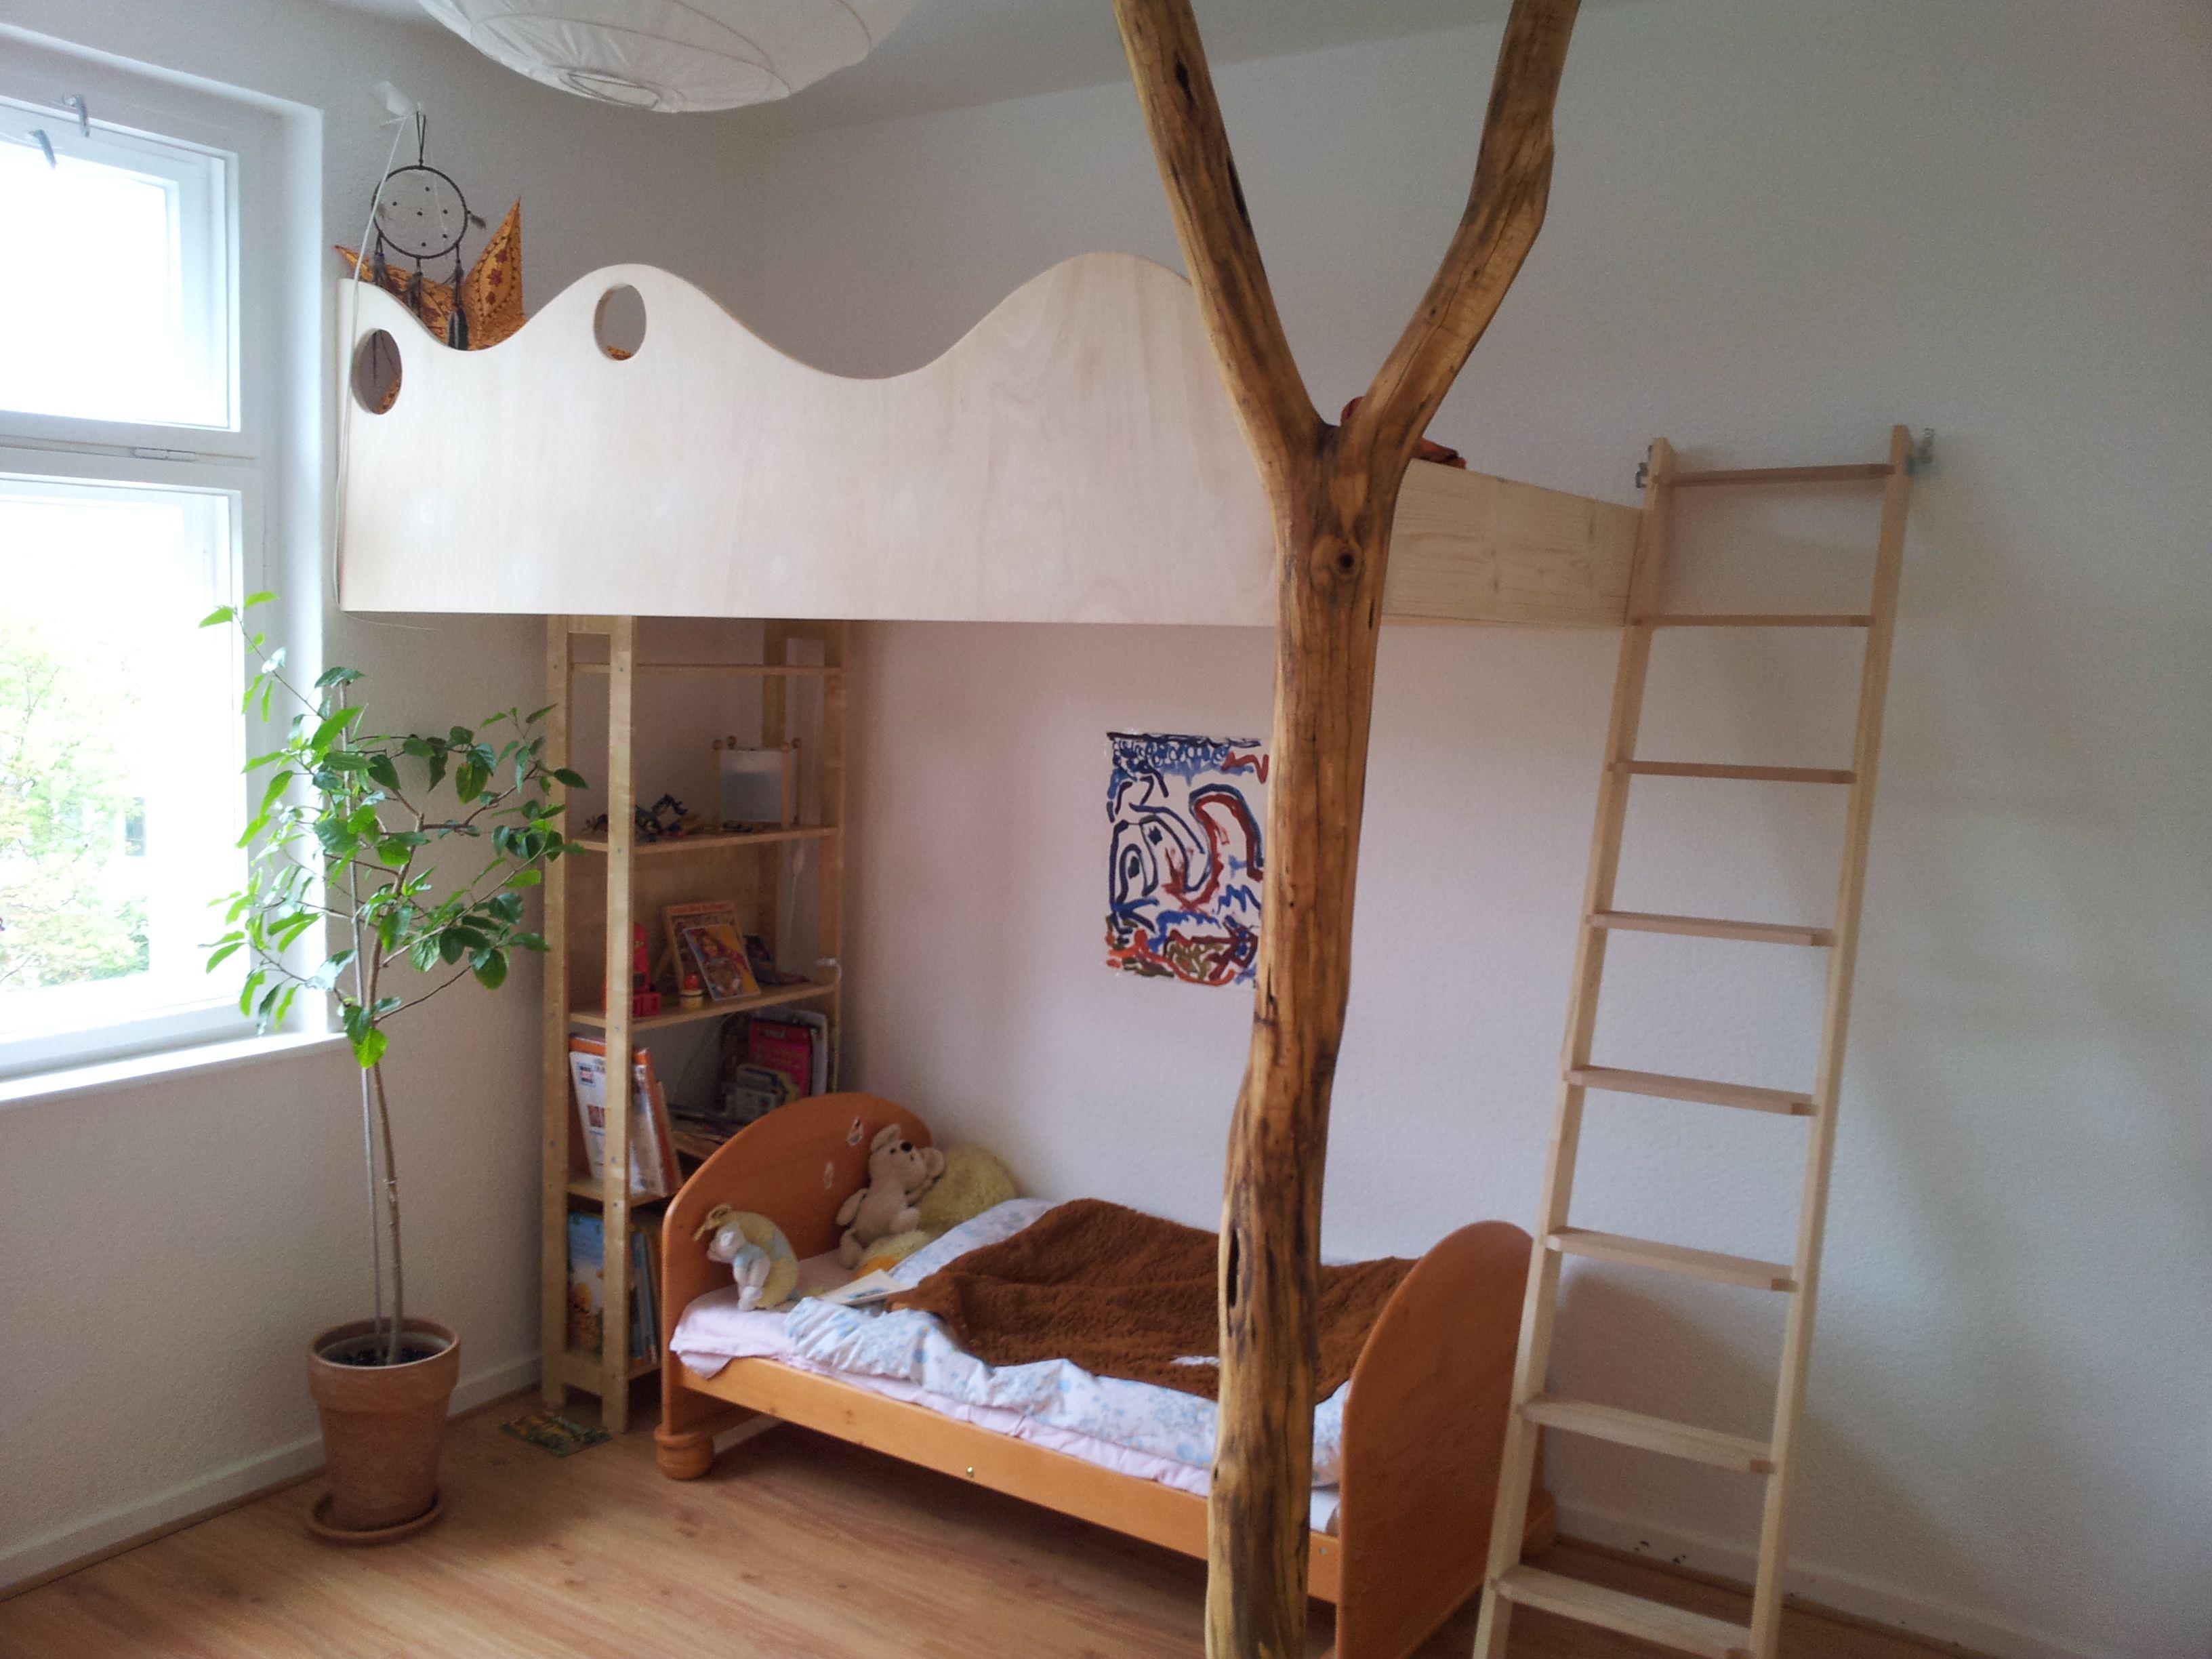 Hochebene Kinderzimmer ~ 111 besten kid`s bilder auf pinterest kinder zimmer